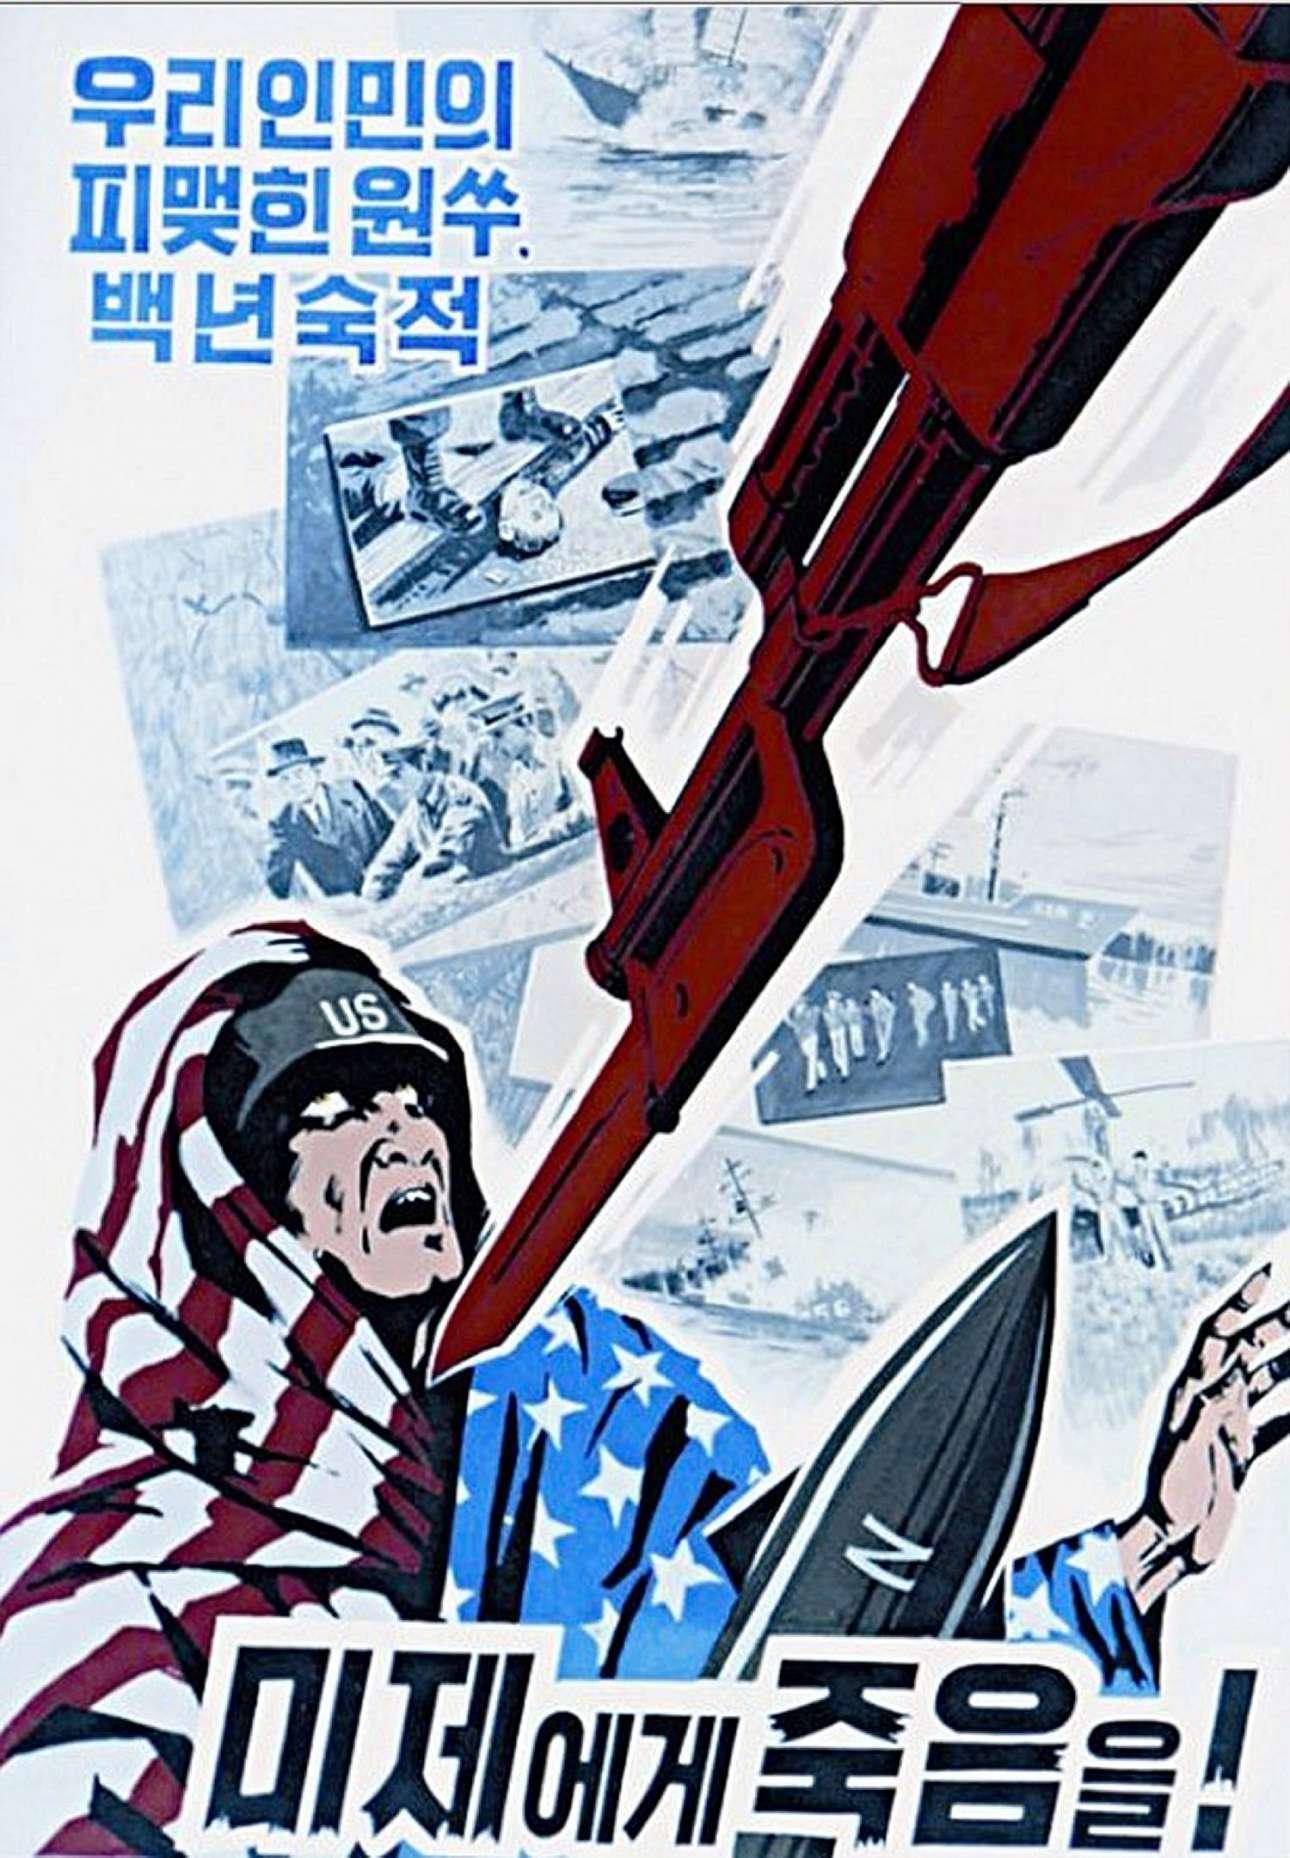 Μία ακόμη βίαιη αφίσα με το μήνυμα «Θάνατος στους αμερικανούς ιμπεριαλιστές, τον ορκισμένο εχθρό μας»